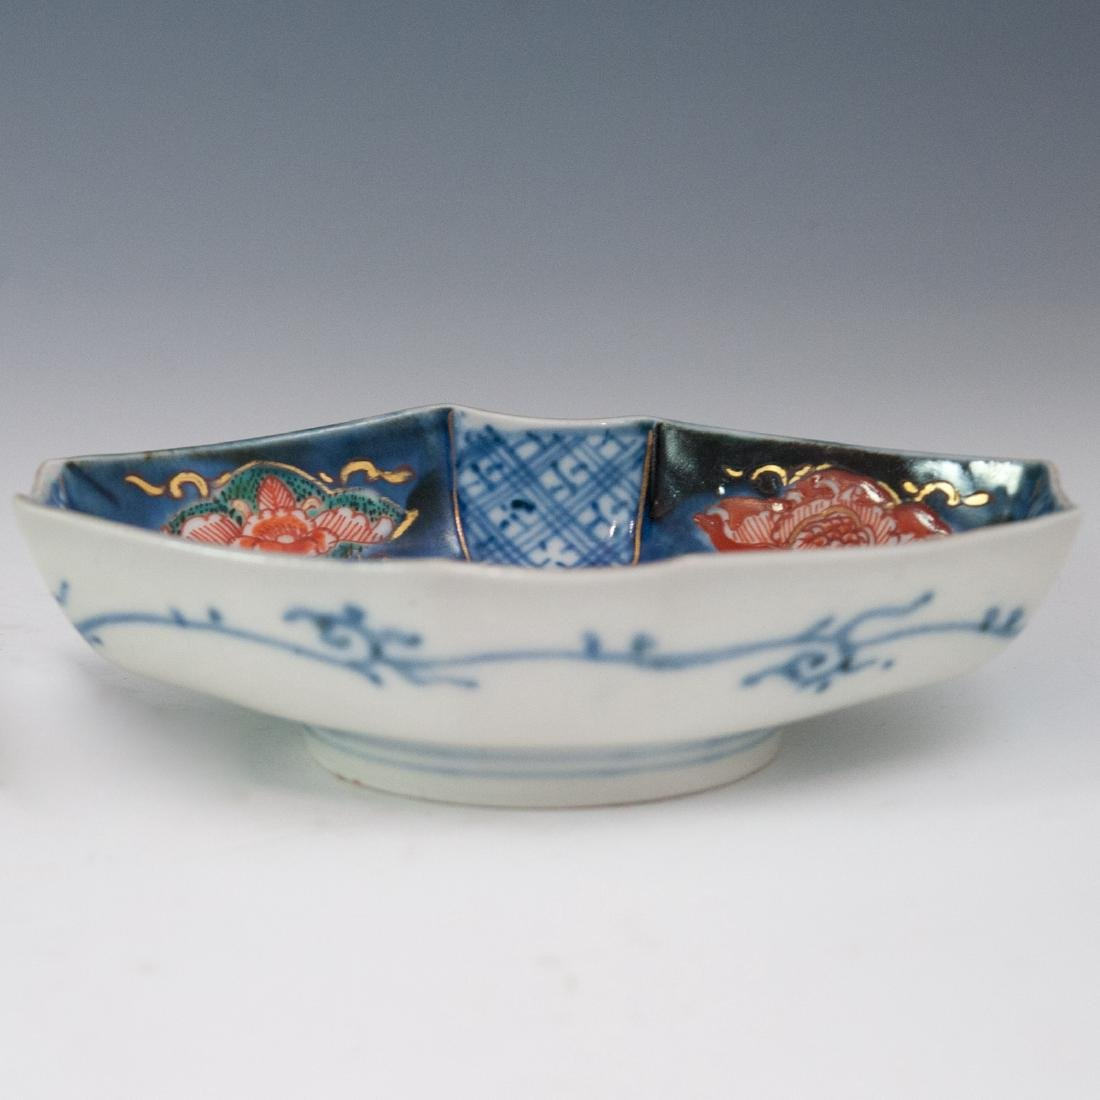 Japanese Enameled Imari Bowl - 3